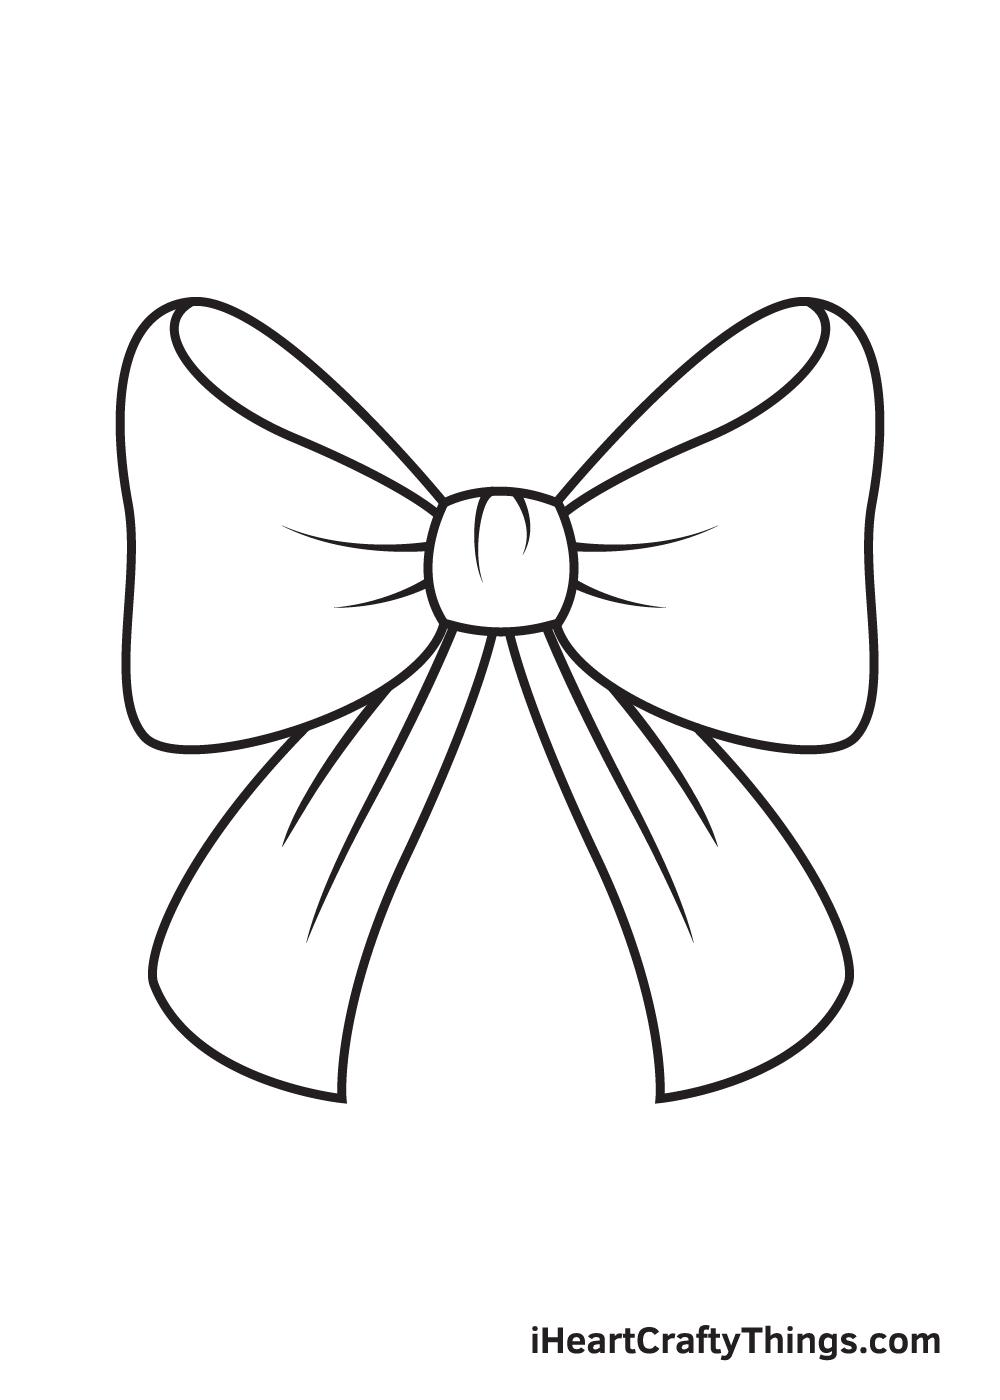 ribbon drawing step 9